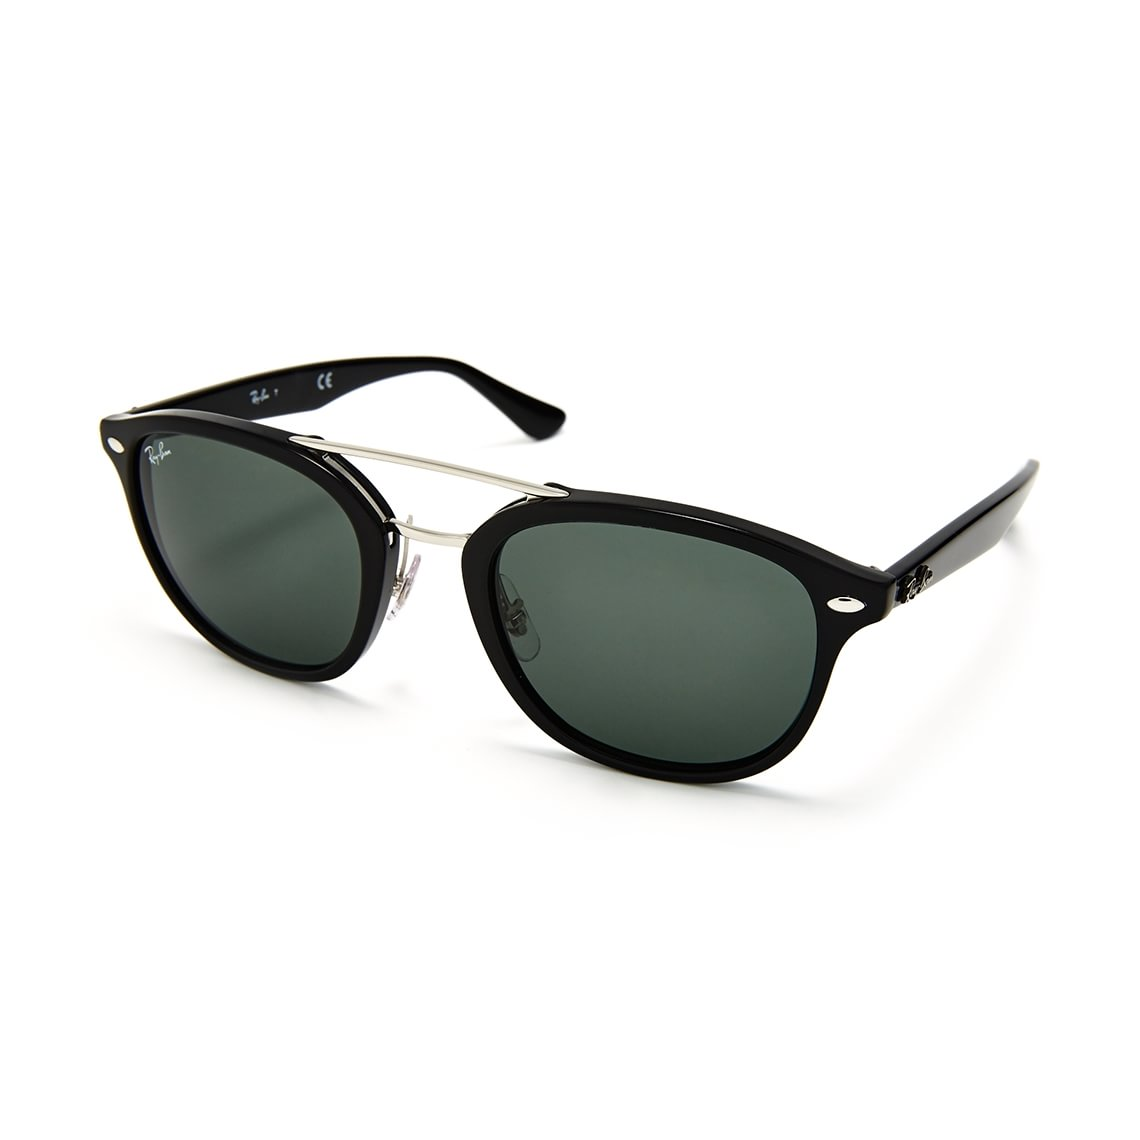 c90751024eb817 Ray-Ban - Solglasögon - Synsam